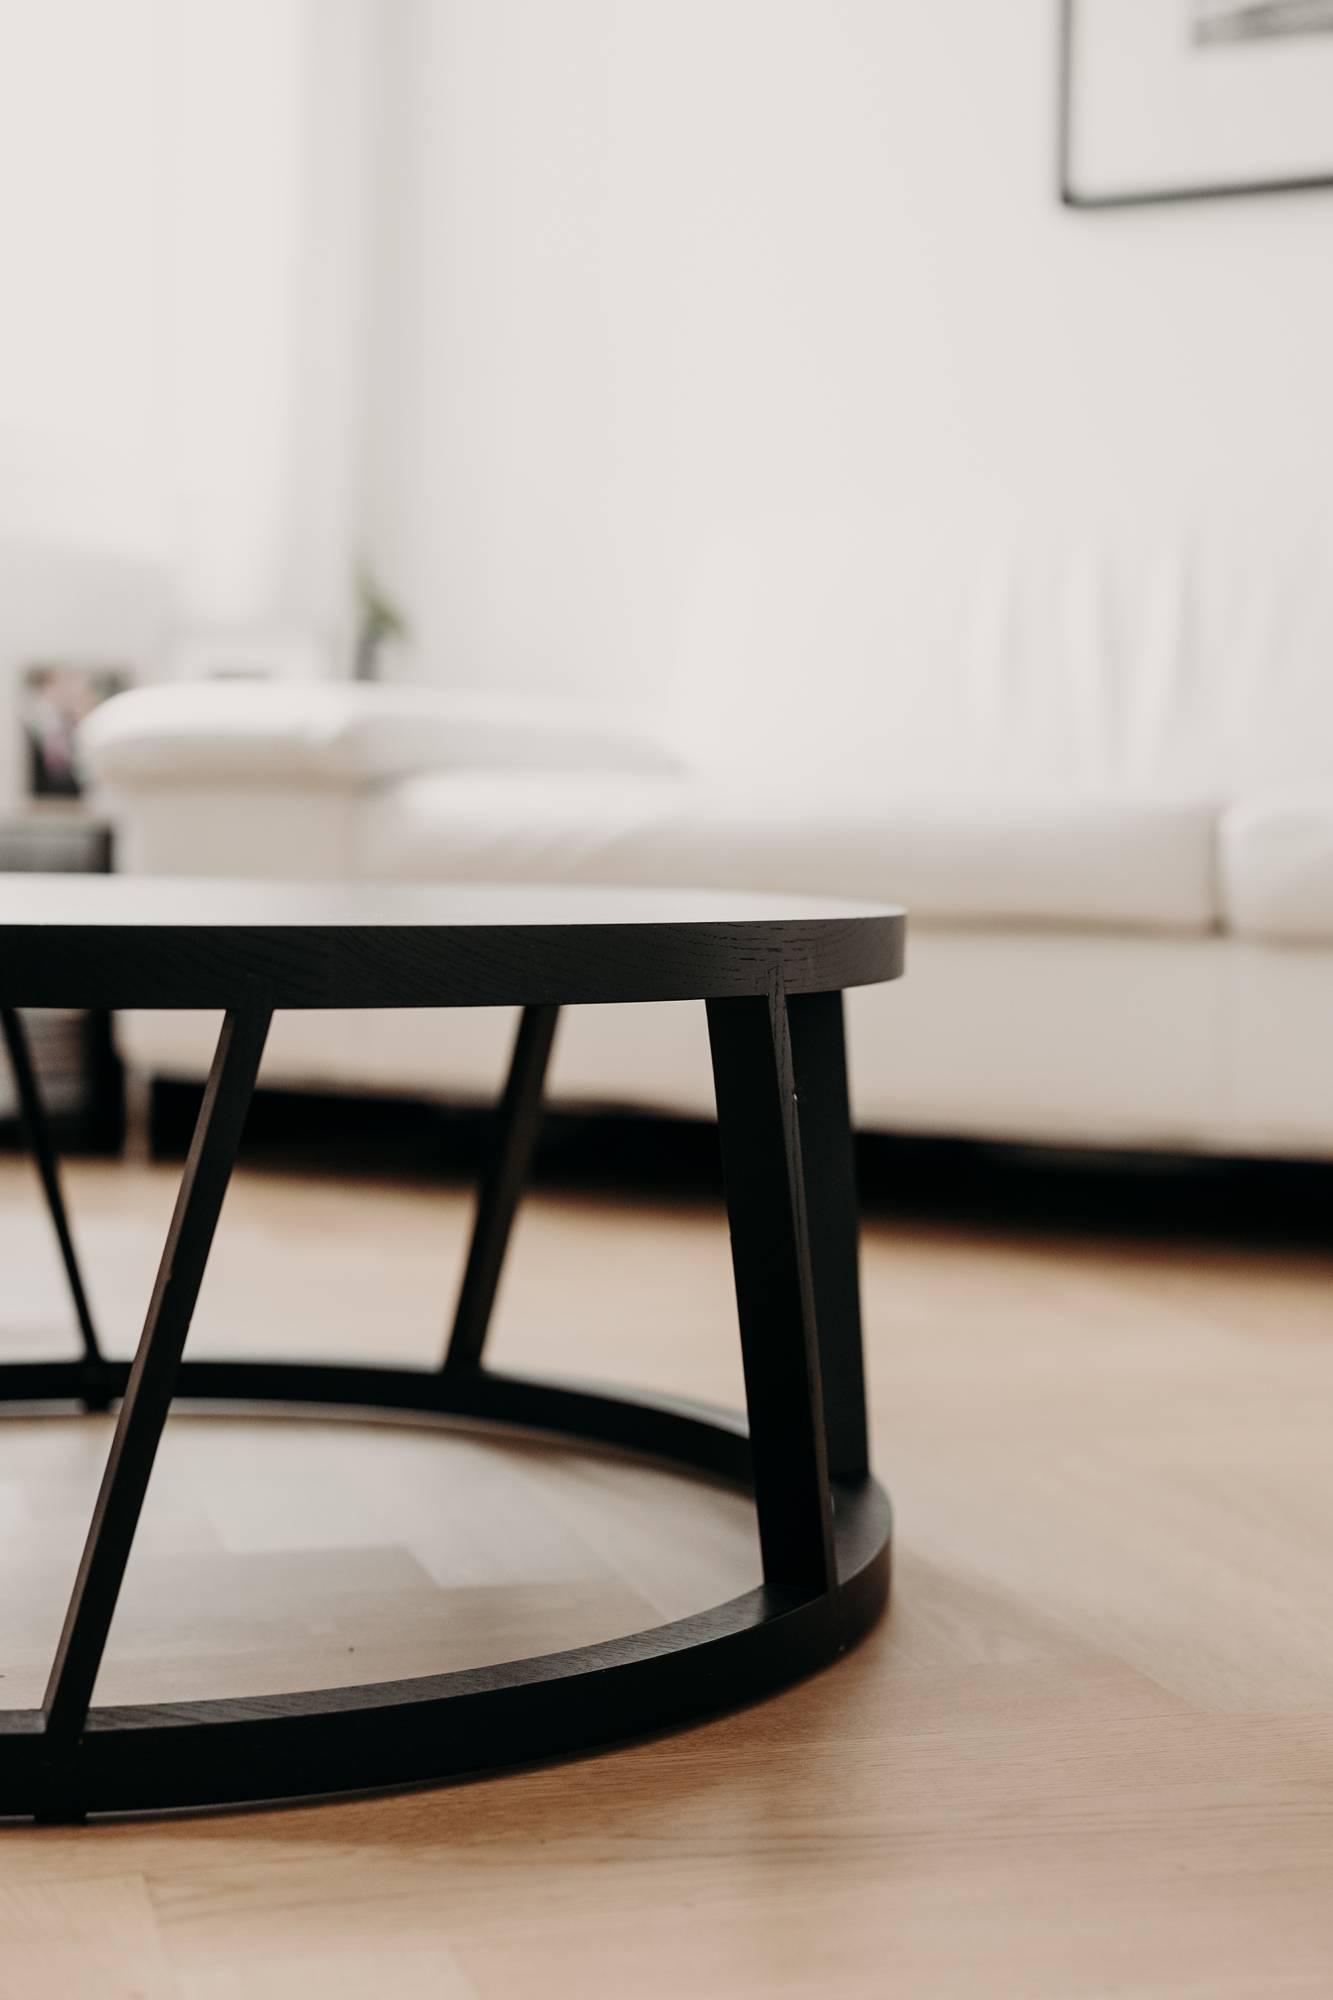 Wohnzimmer im skandinavischen Stil - Home Tour